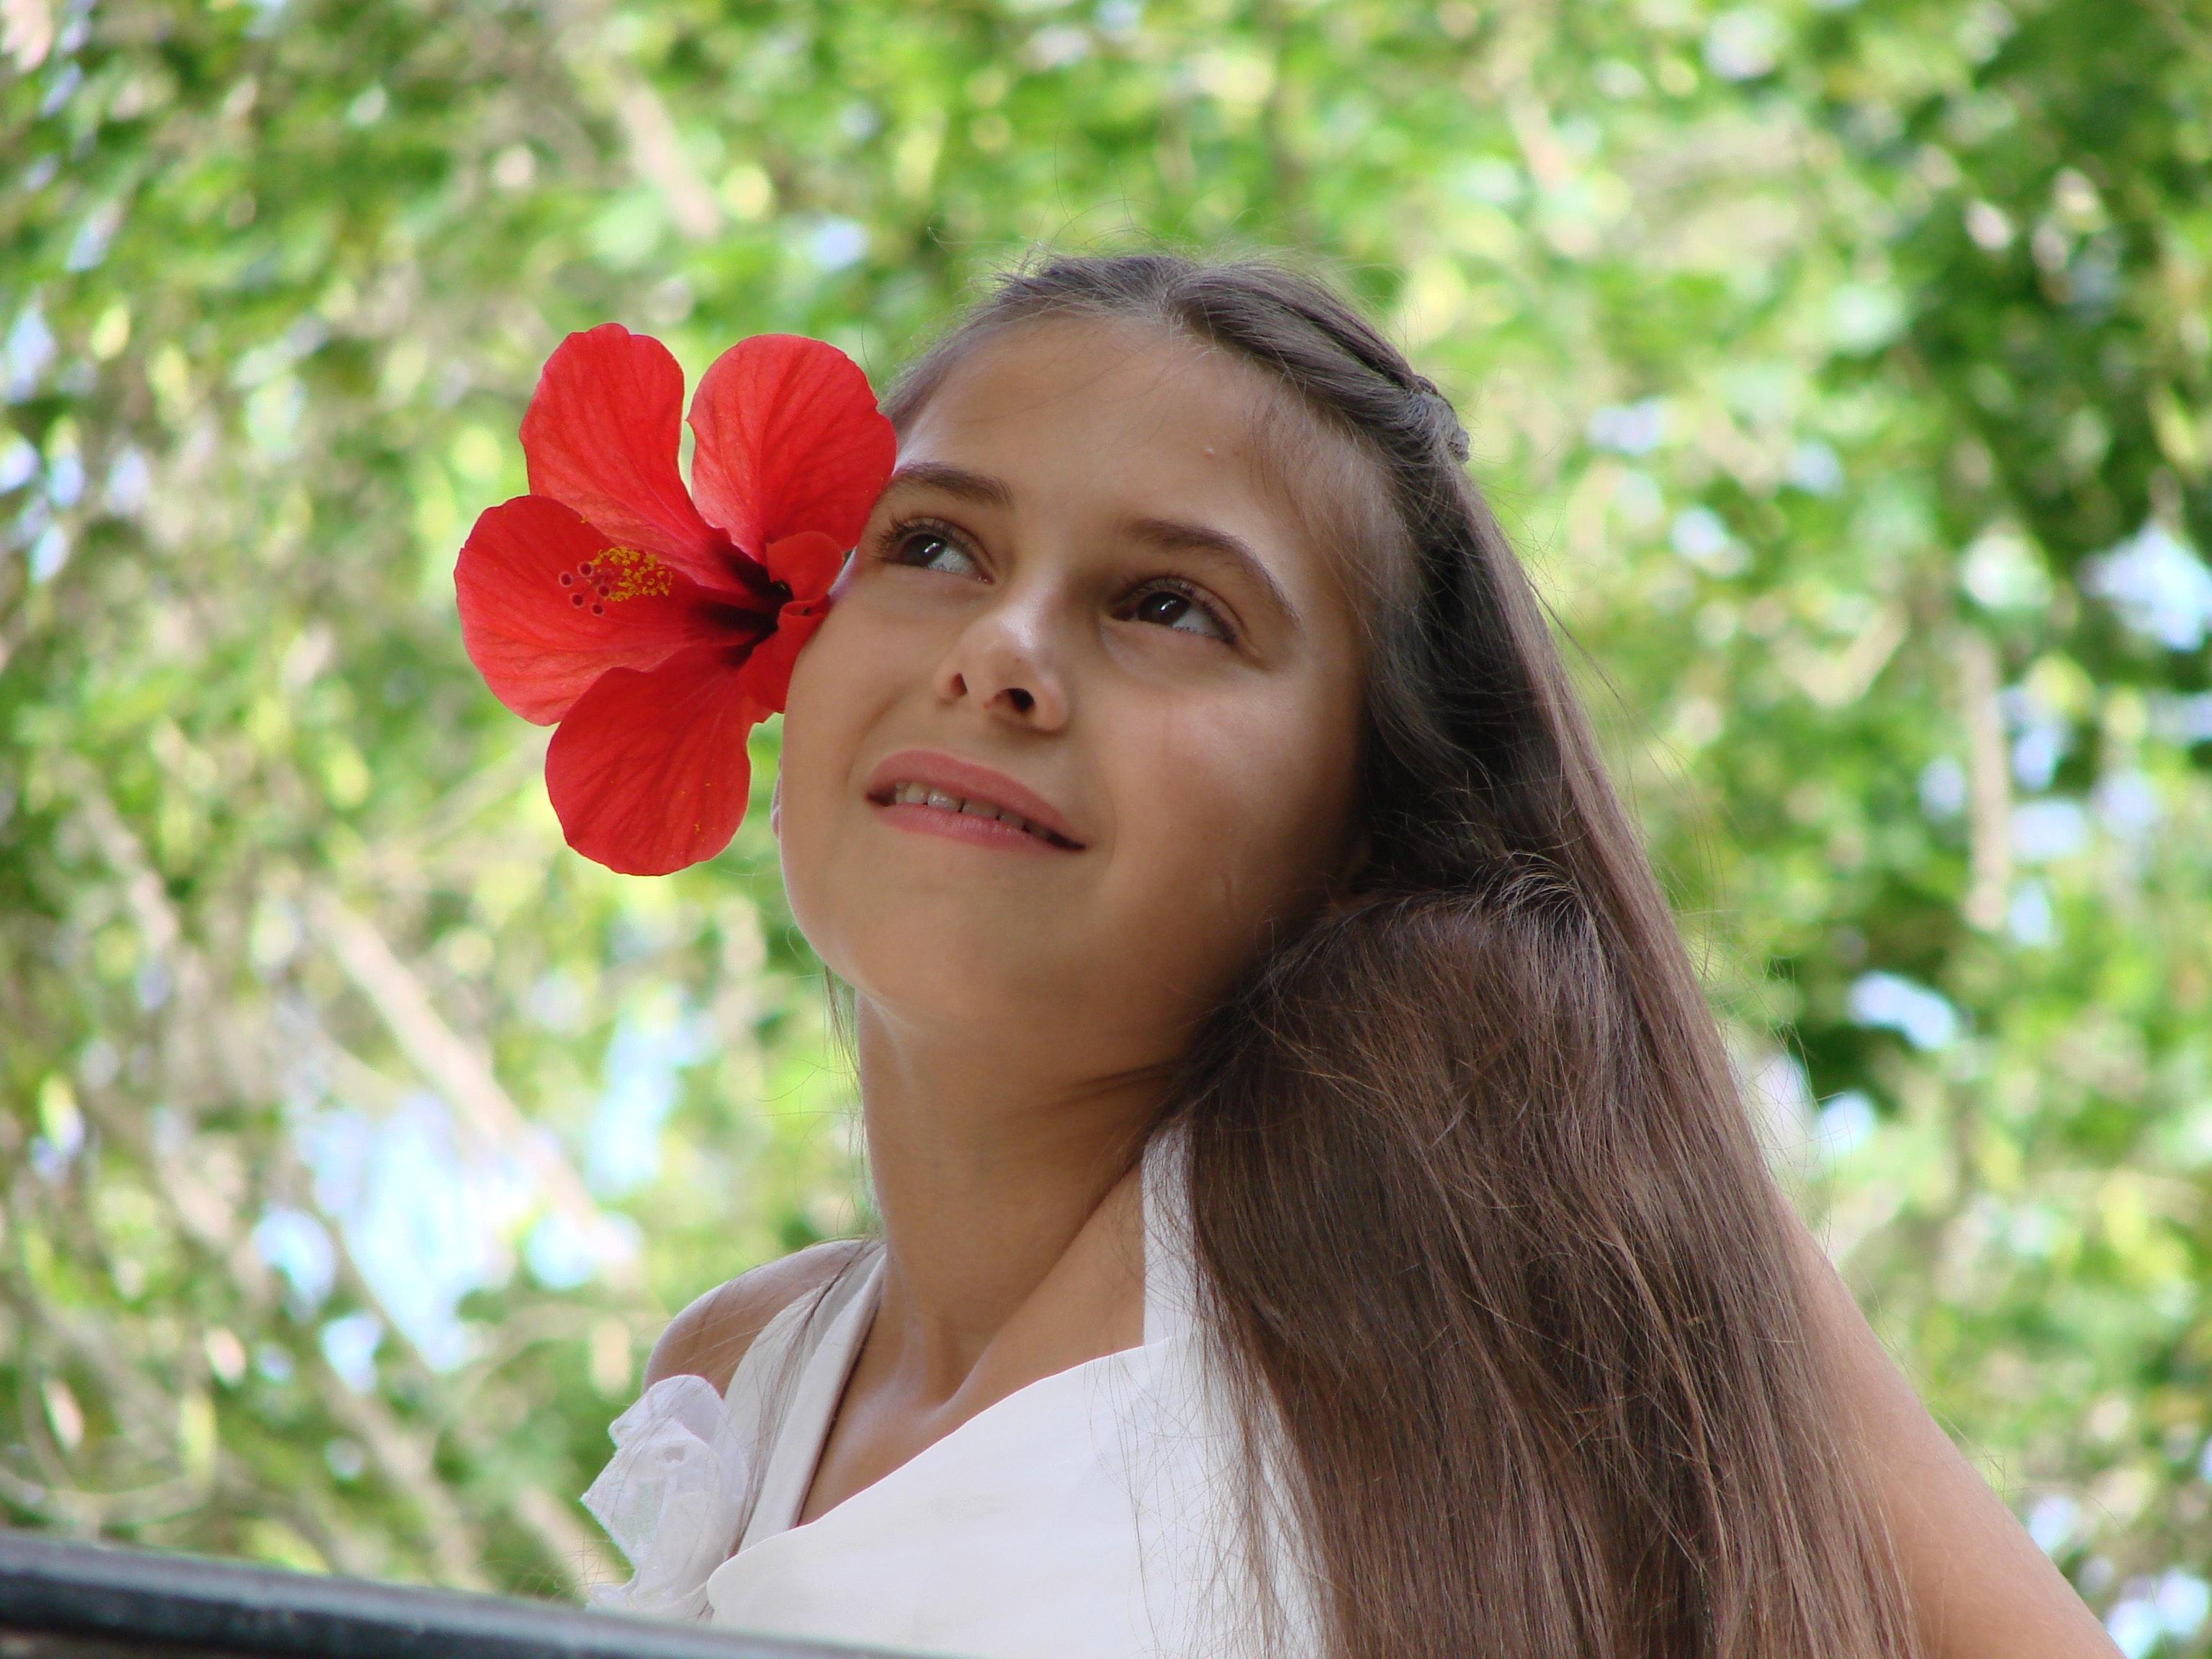 8924a512c67e09 Free stock photo of jong meisje met rode bloem in het haar